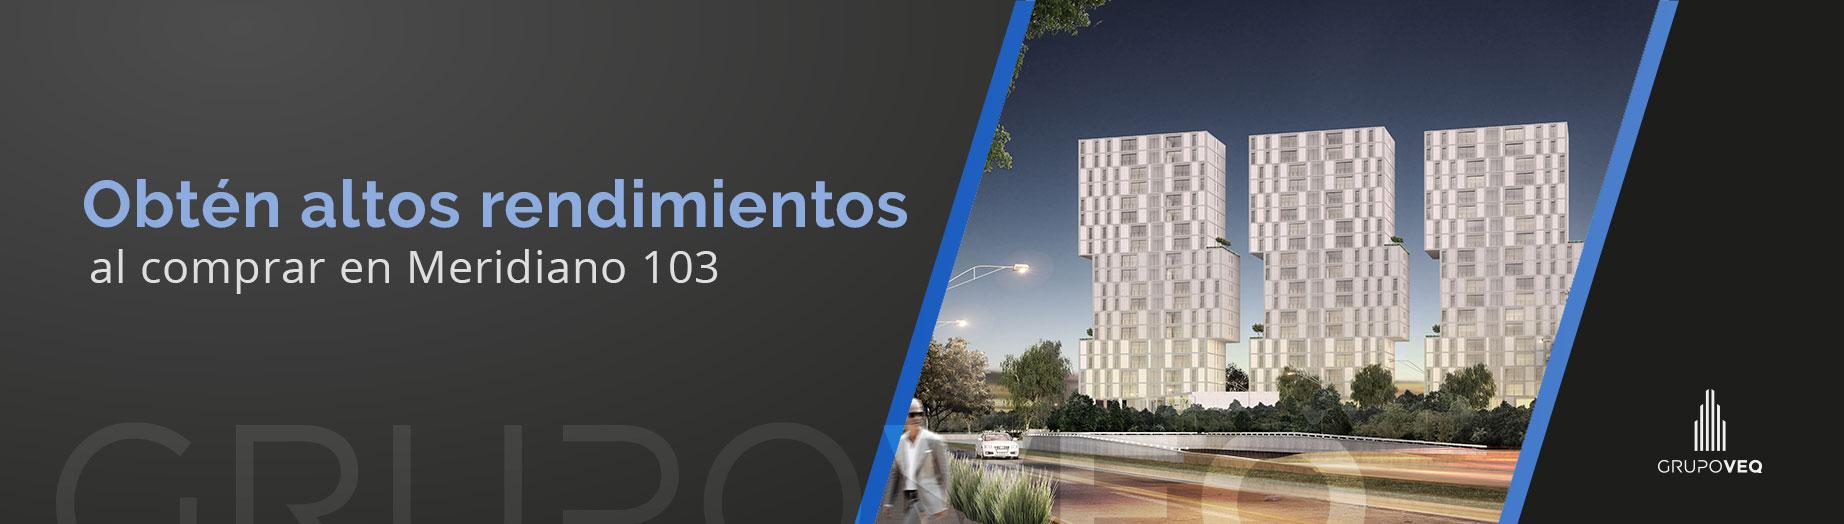 Rendimientos-en-Meridiano-103-banner